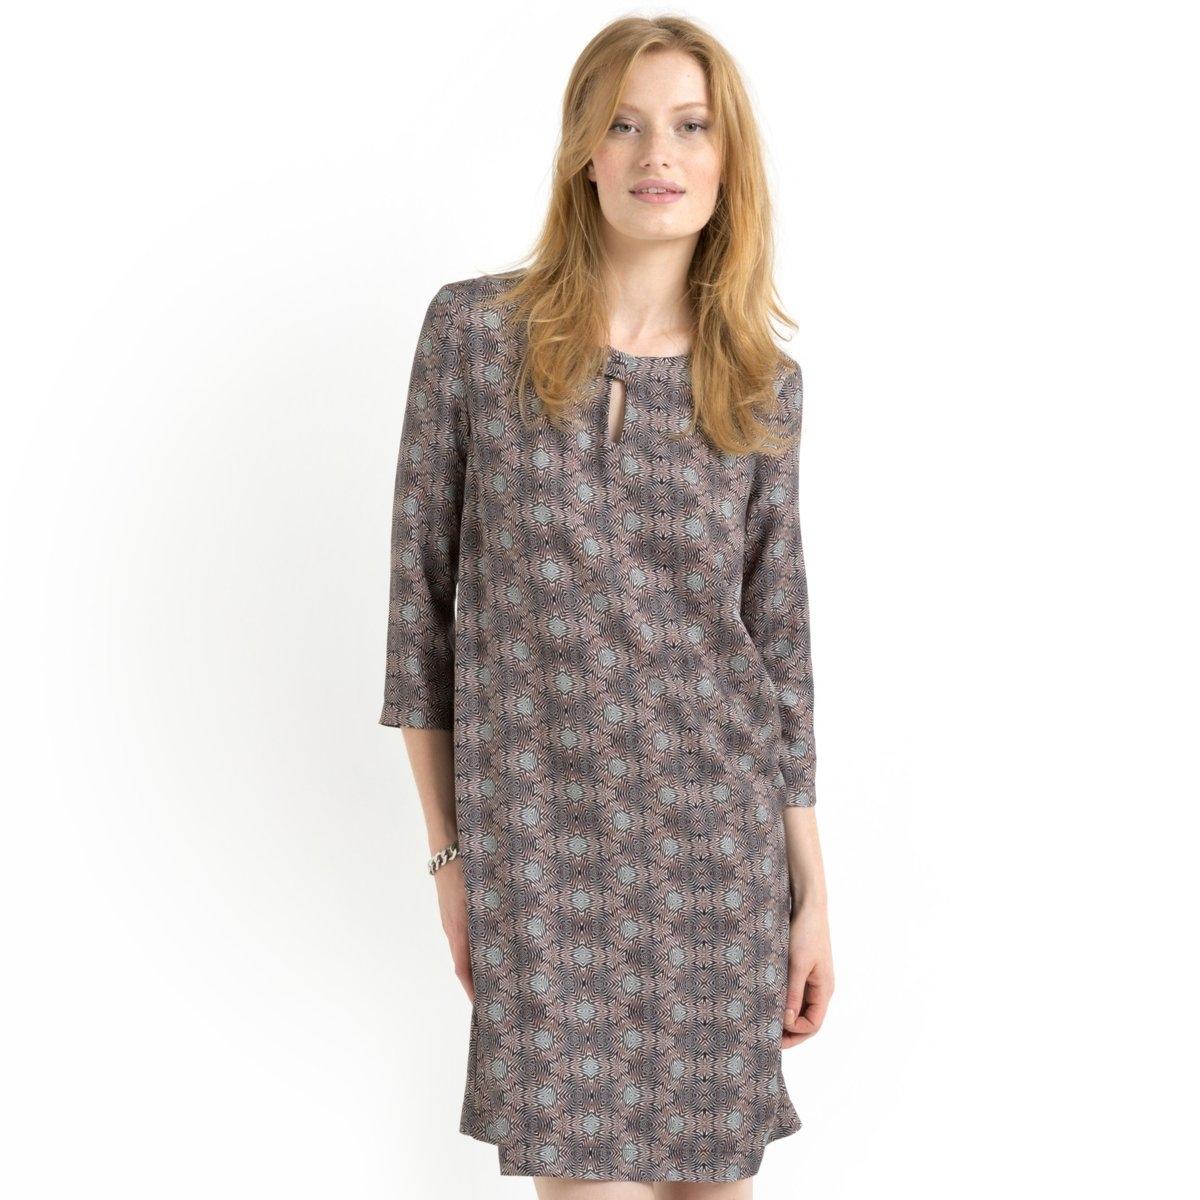 Платье прямое с рисункомПлатье из 100% вискозы. Круглый вырез с застежкой на металлическую пуговицу. Рукава 3/4. Длина 90 см.<br><br>Цвет: набивной рисунок<br>Размер: 34 (FR) - 40 (RUS)